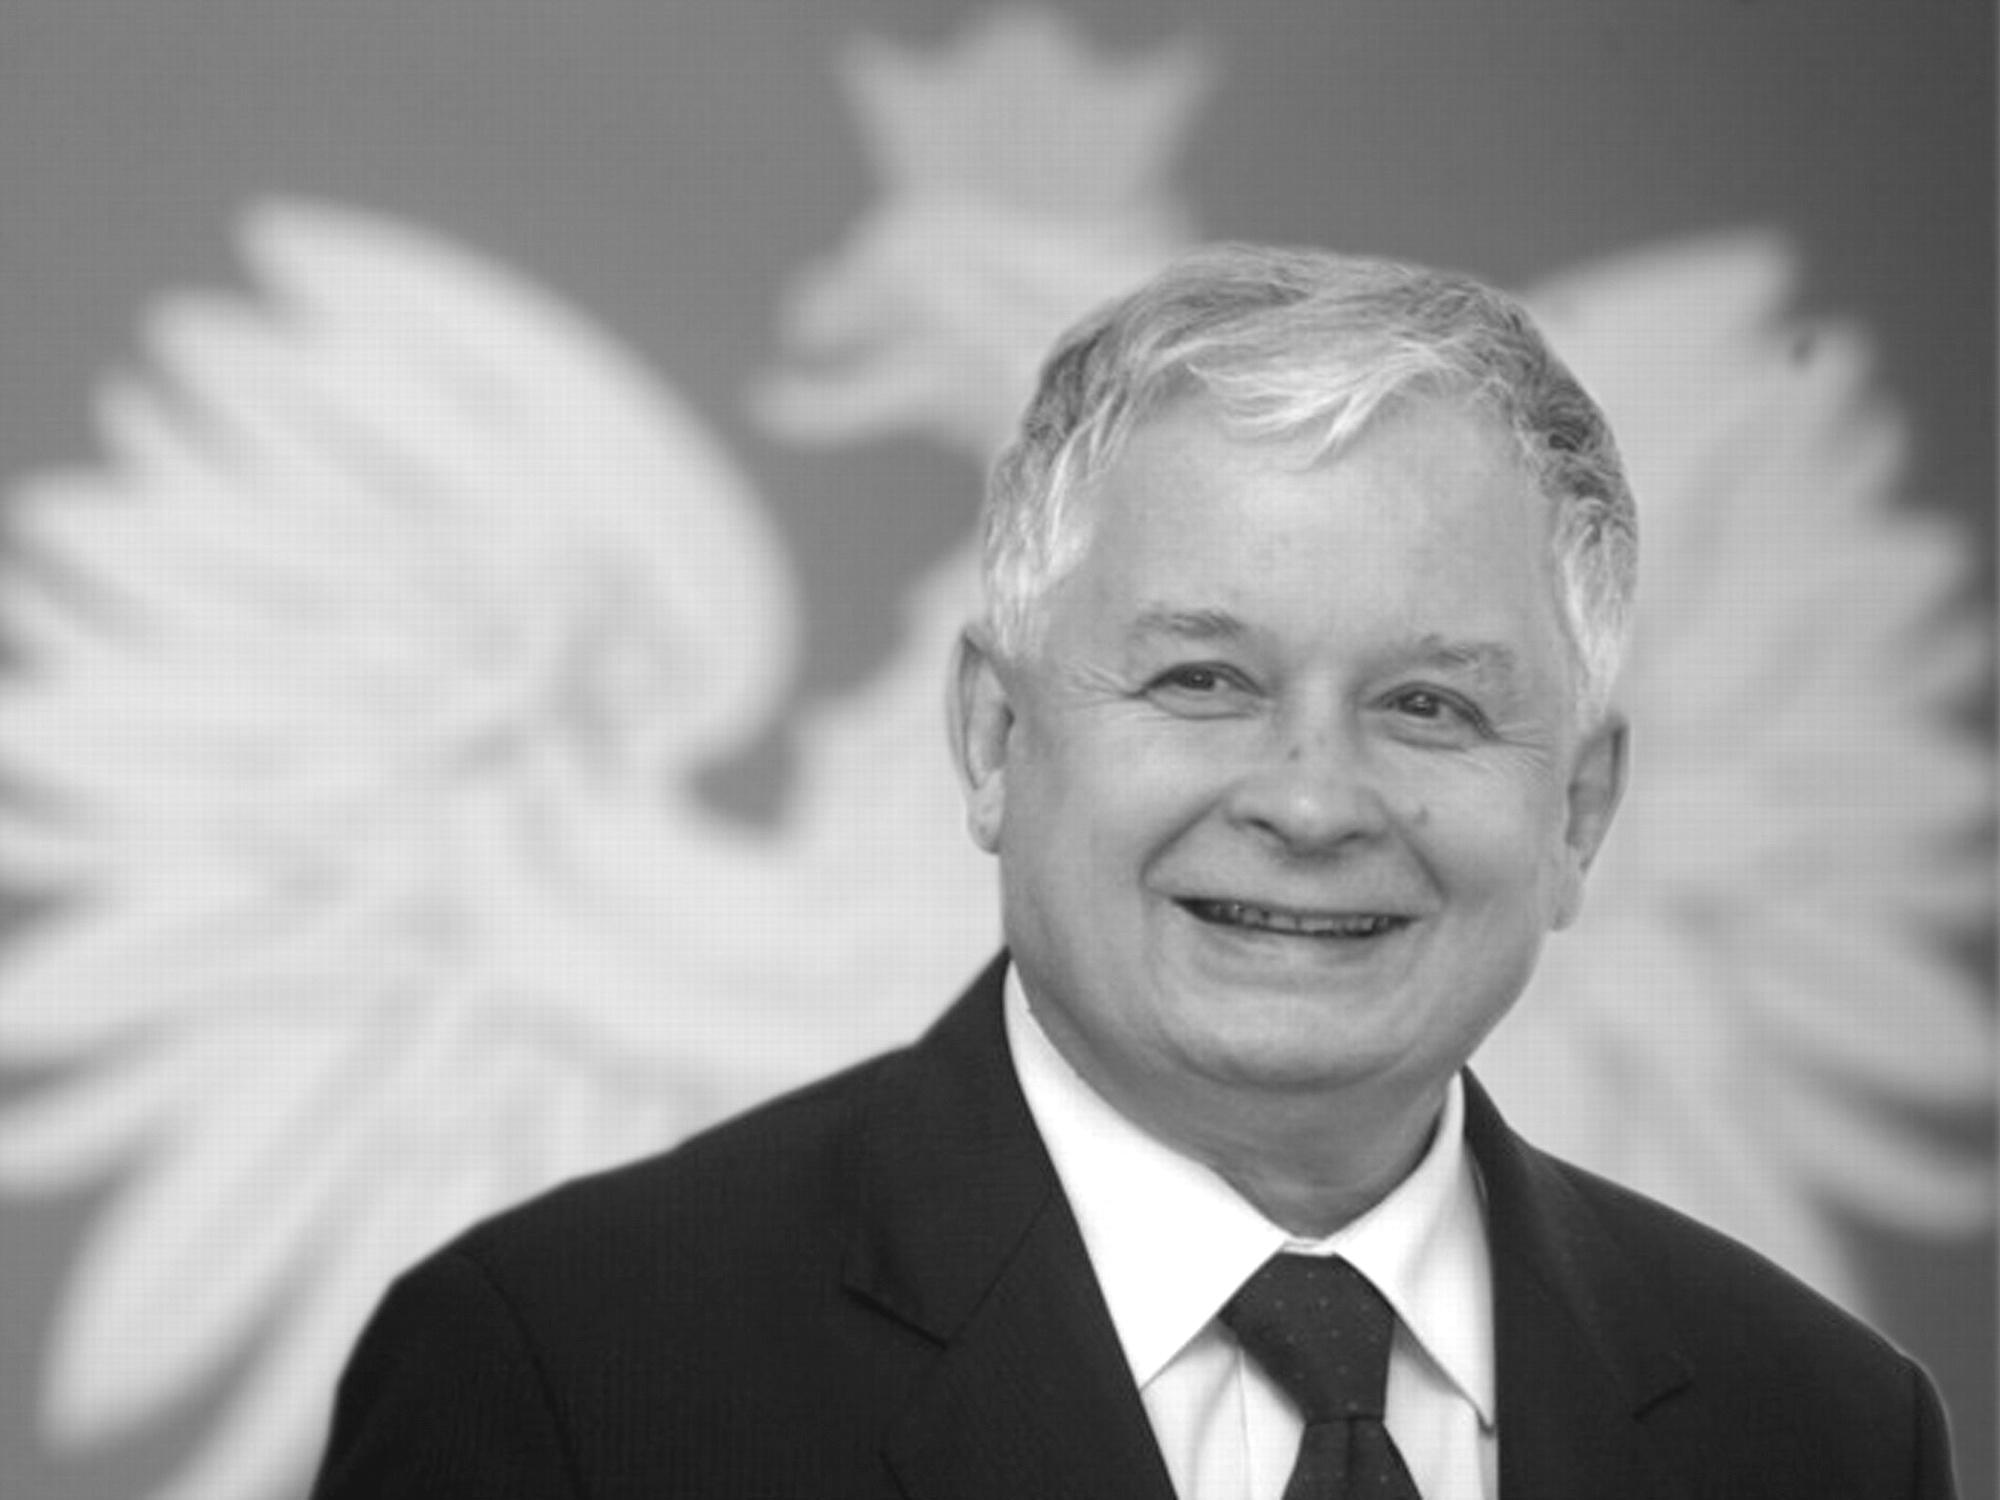 Gimnazjaliści wezmą udział w konkursie z wiedzy o Lechu Kaczyńskim